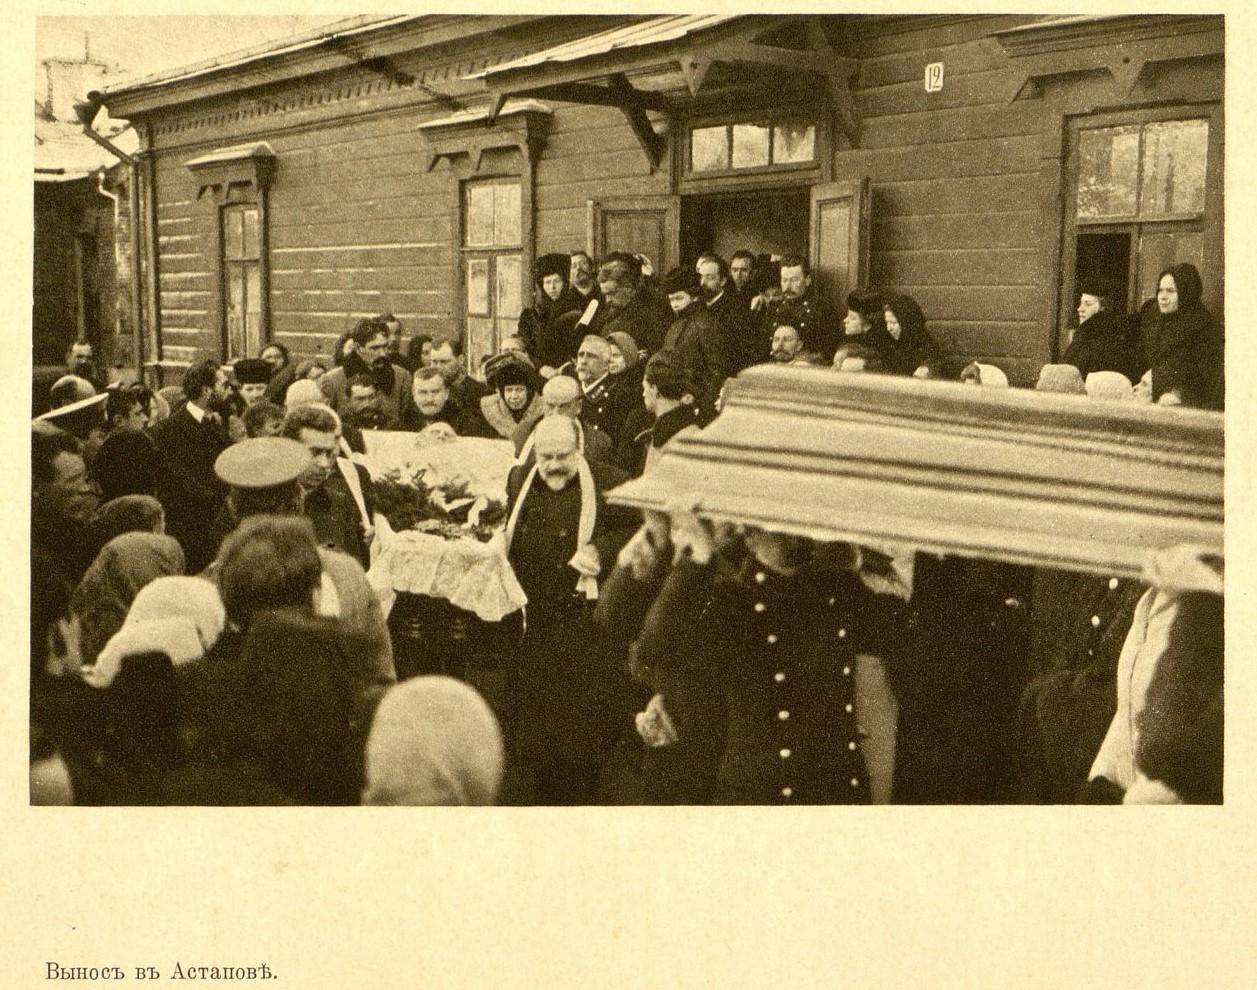 La salma di Tolstoj viene portata fuori dalla stazione di Astapovo. Ad attenderla, una folla di gente commossa; 1910